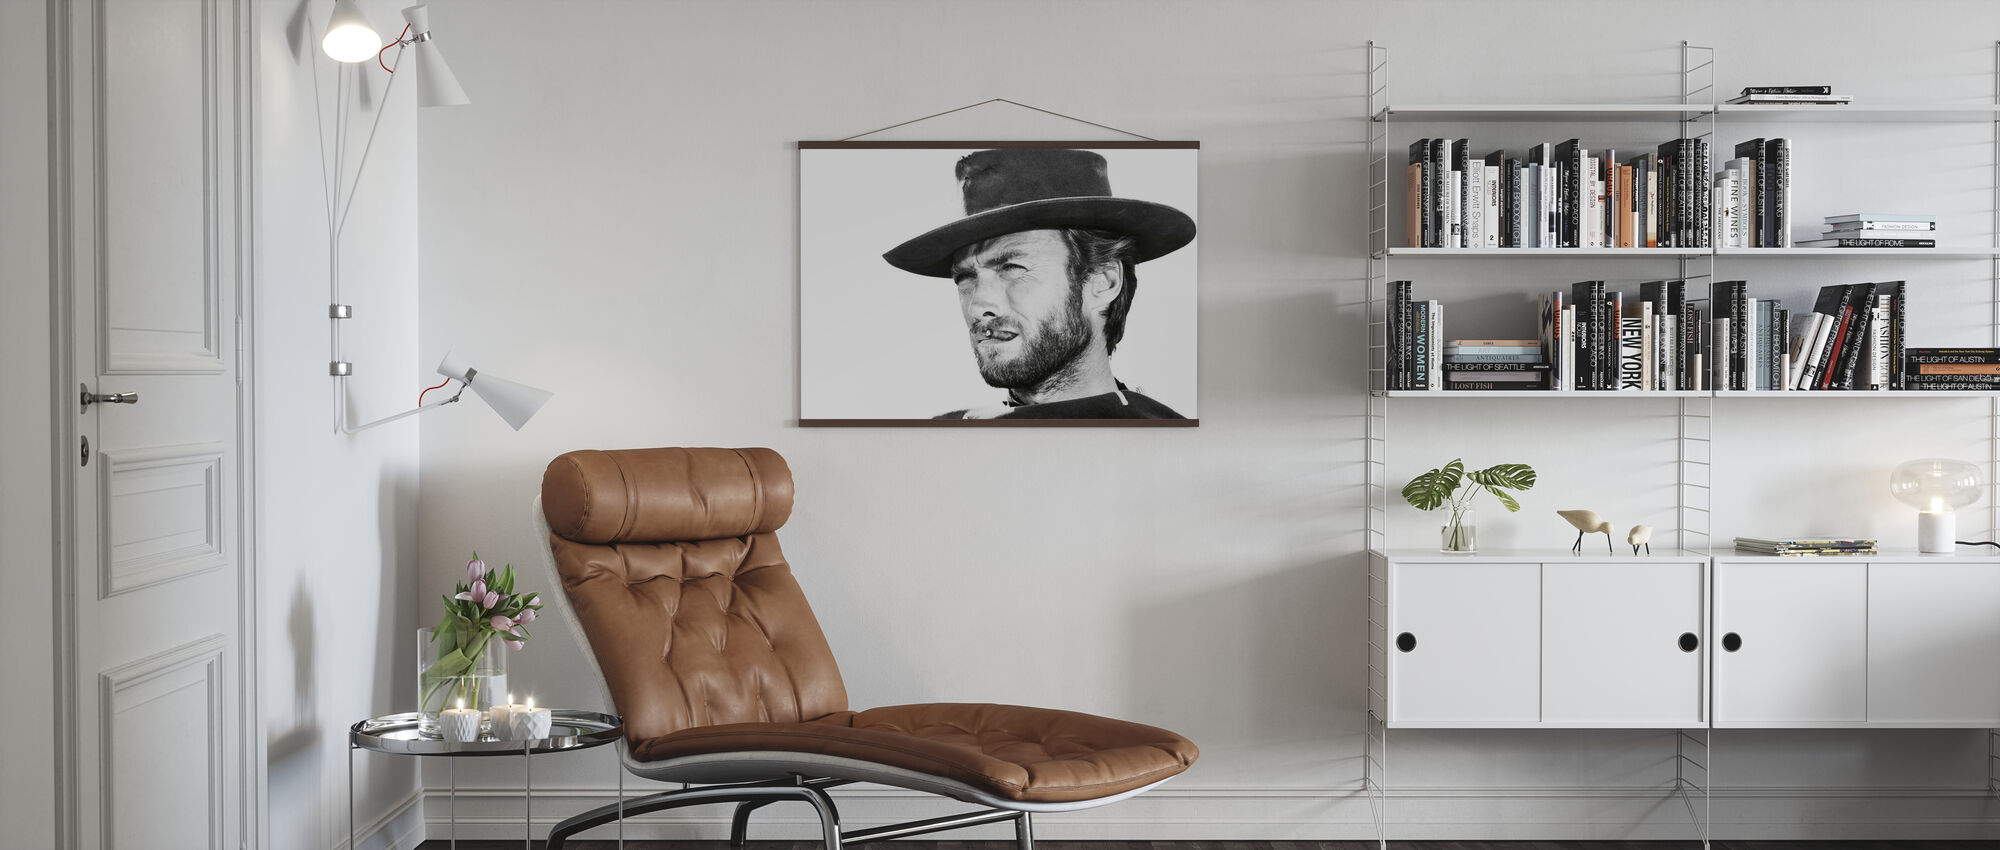 Clint Eastwood in goed het slechte en de lelijke - Poster - Woonkamer